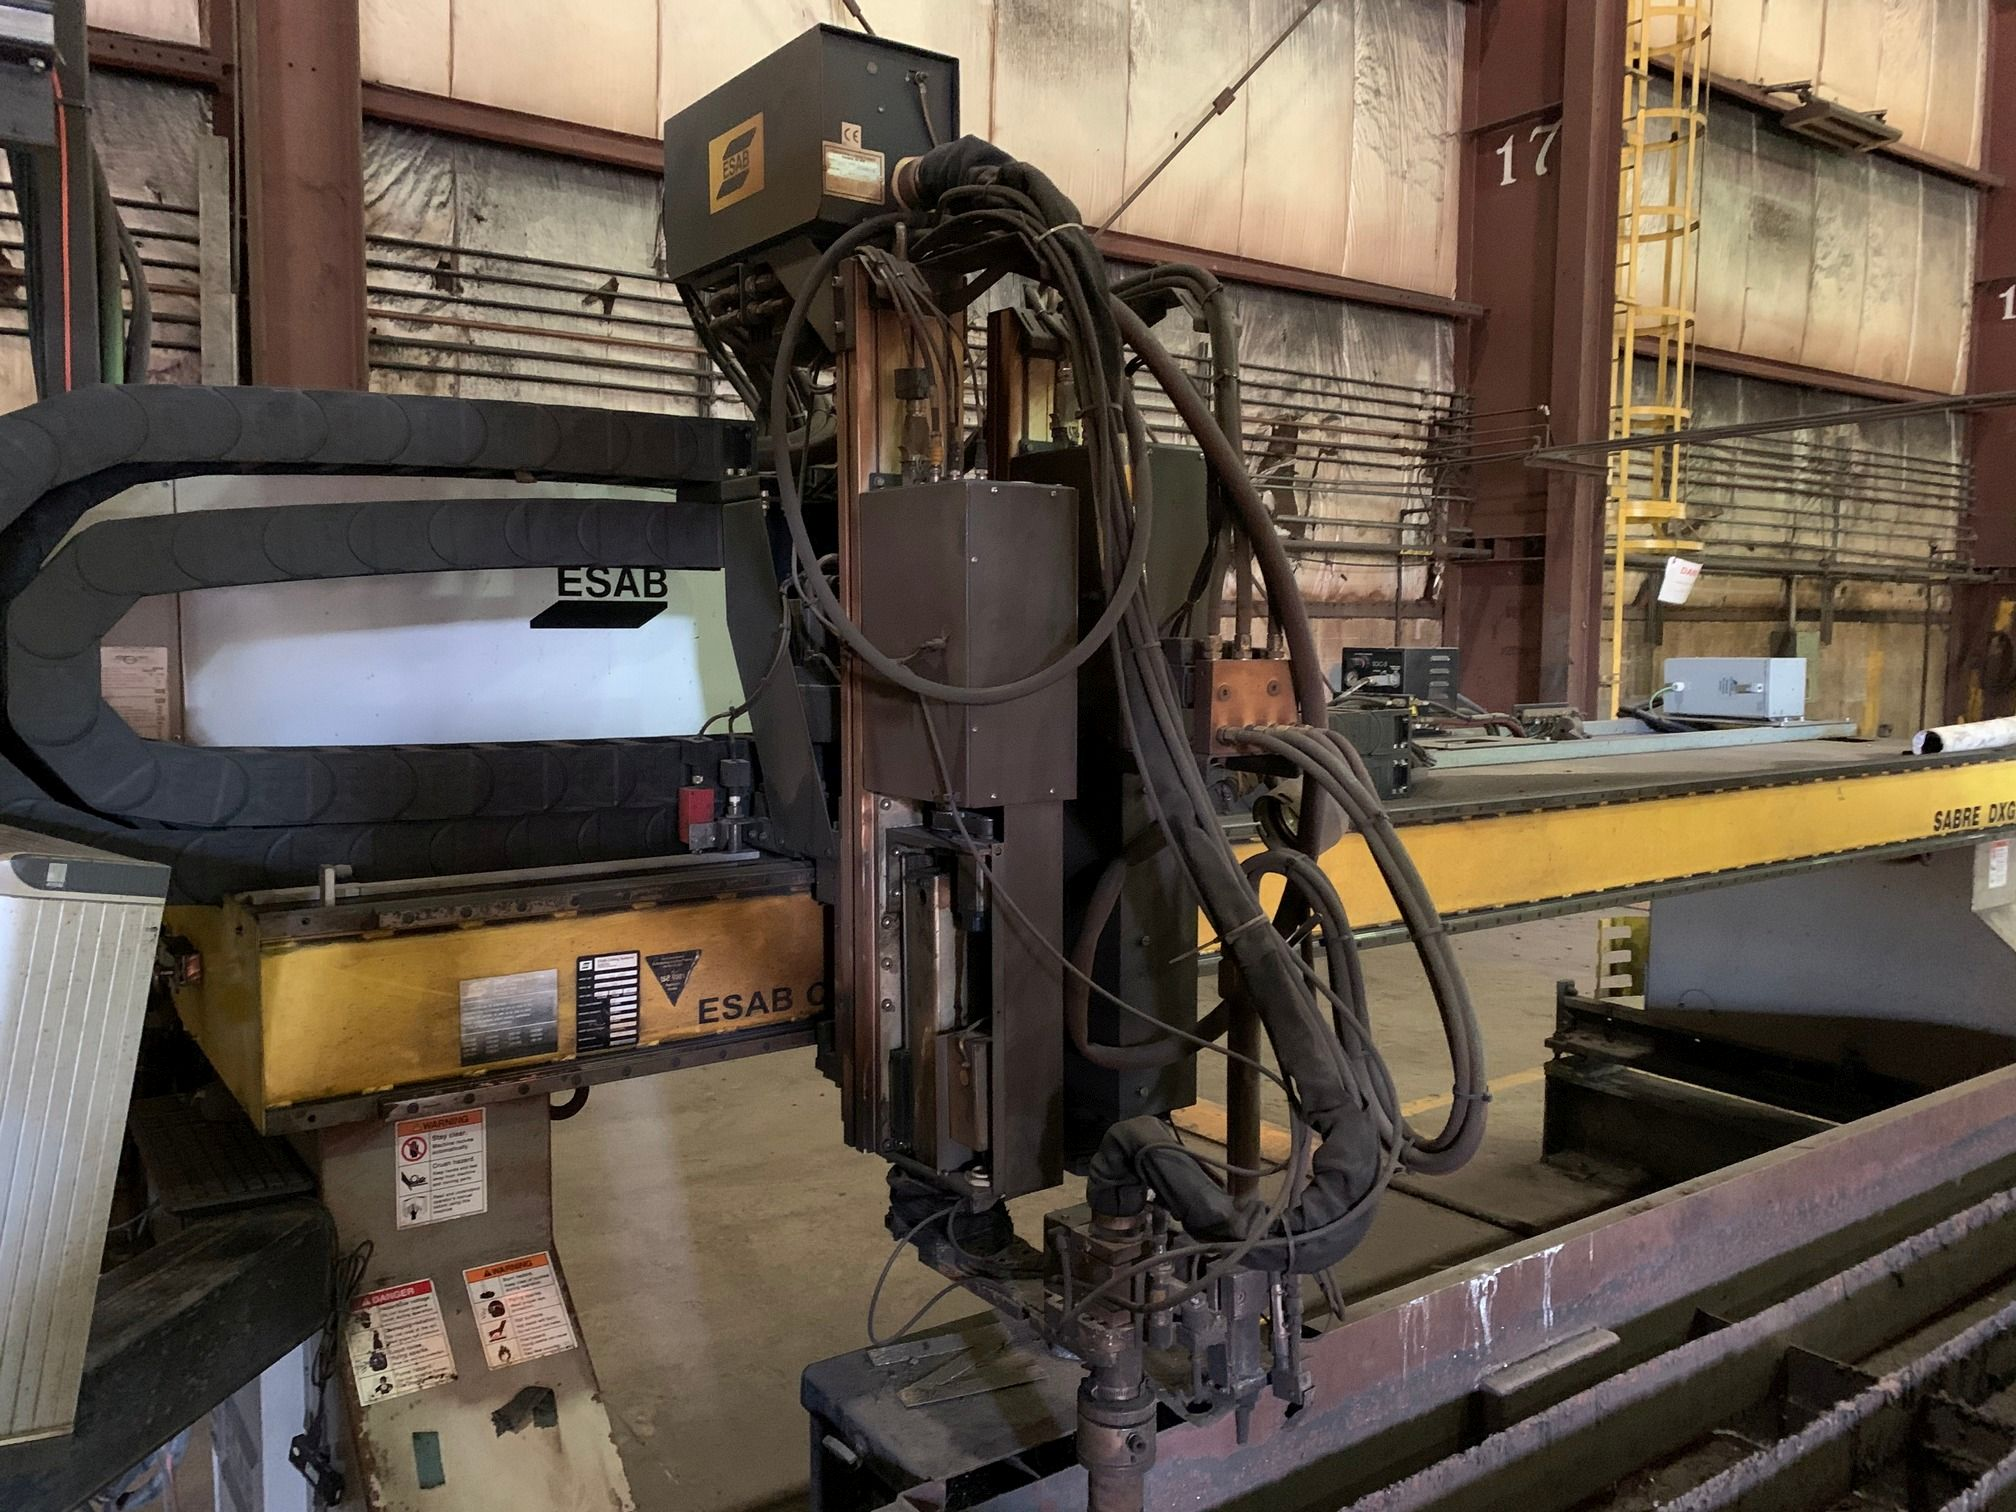 2012 Esab Sabre DXG4000 CNC Plasma Cutting Machine; S/N 0560947788